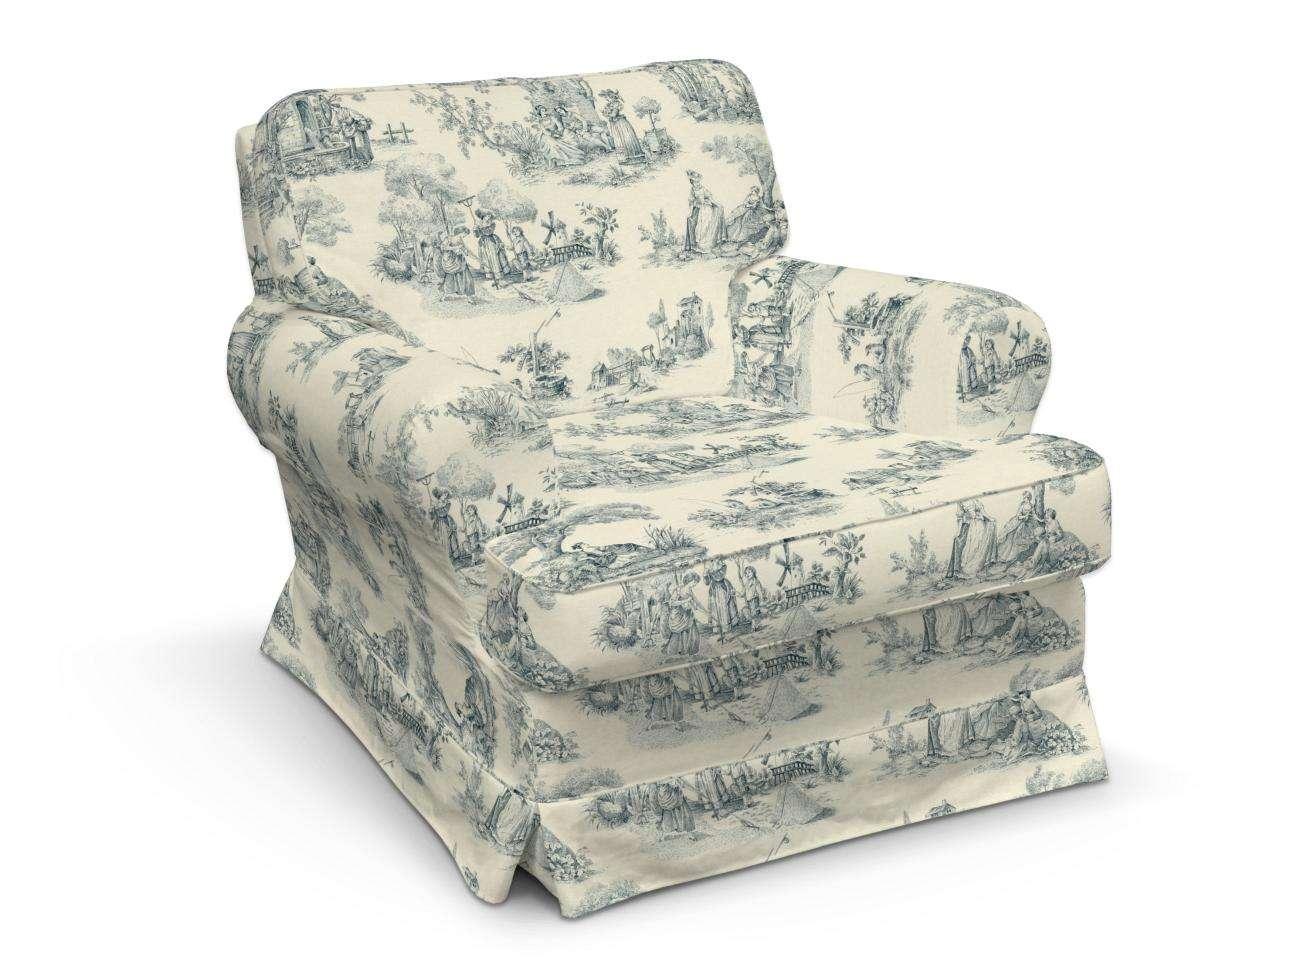 Barkaby fotelio užvalkalas Barkaby fotelio užvalkalas kolekcijoje Avinon, audinys: 132-66